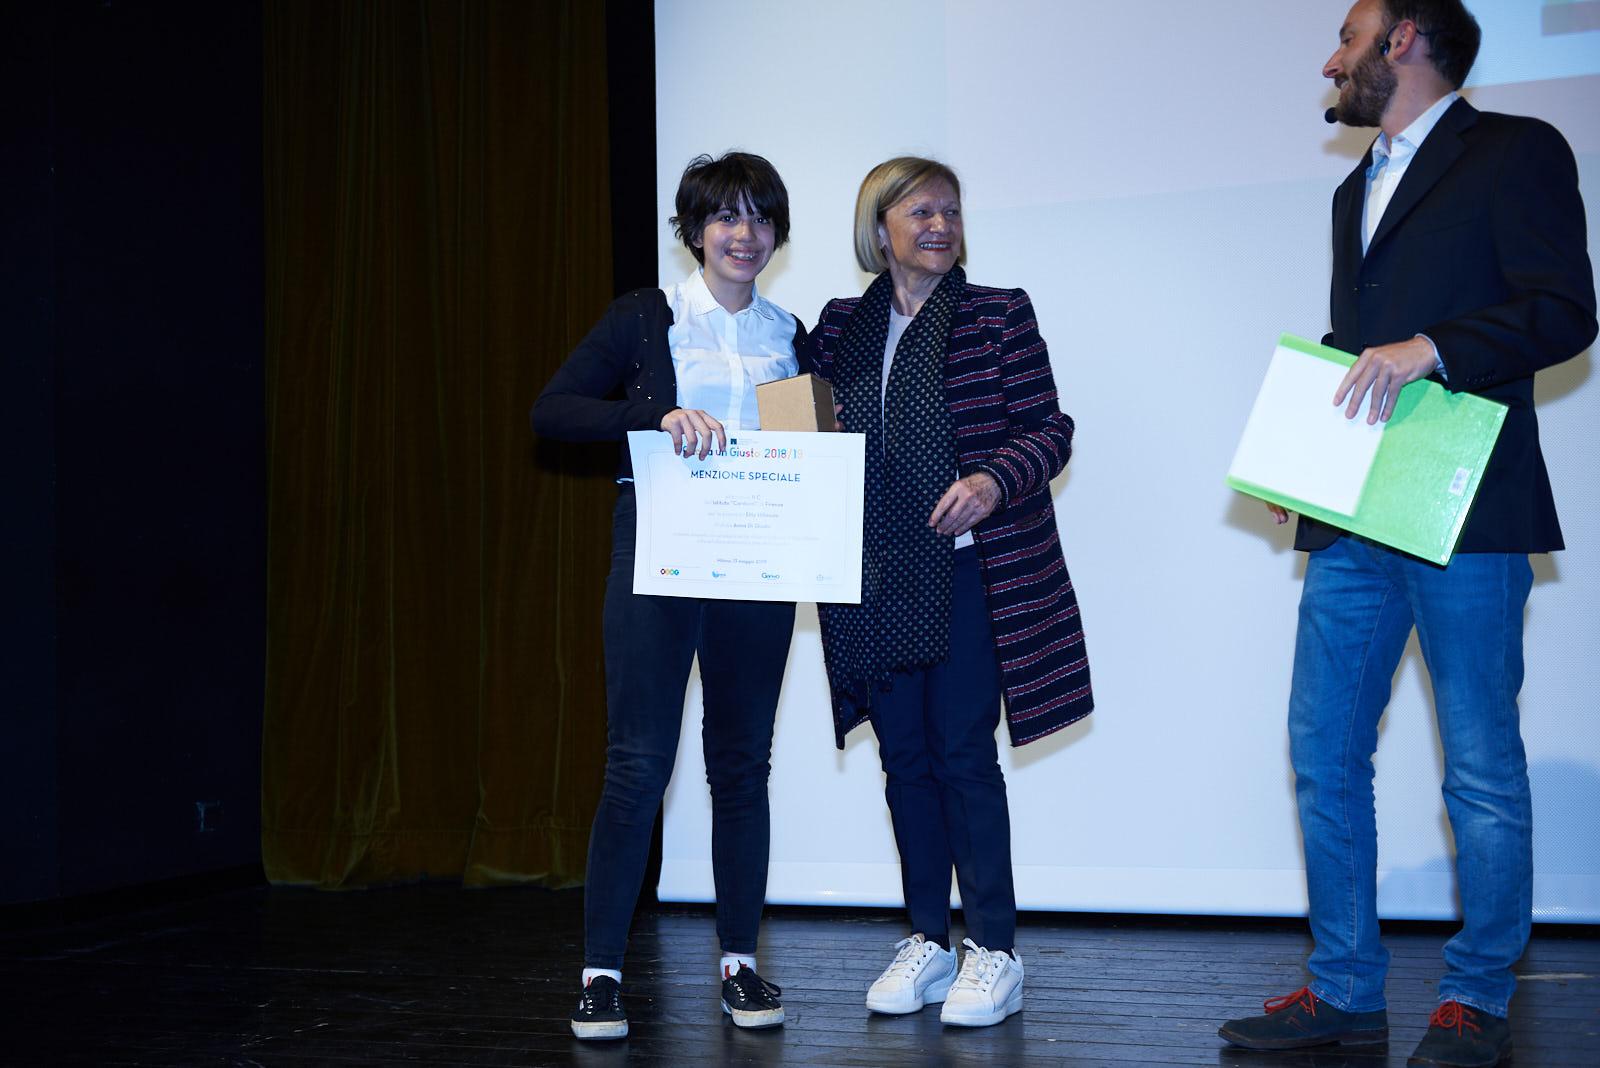 Inizia la premiazione delle scuole medie